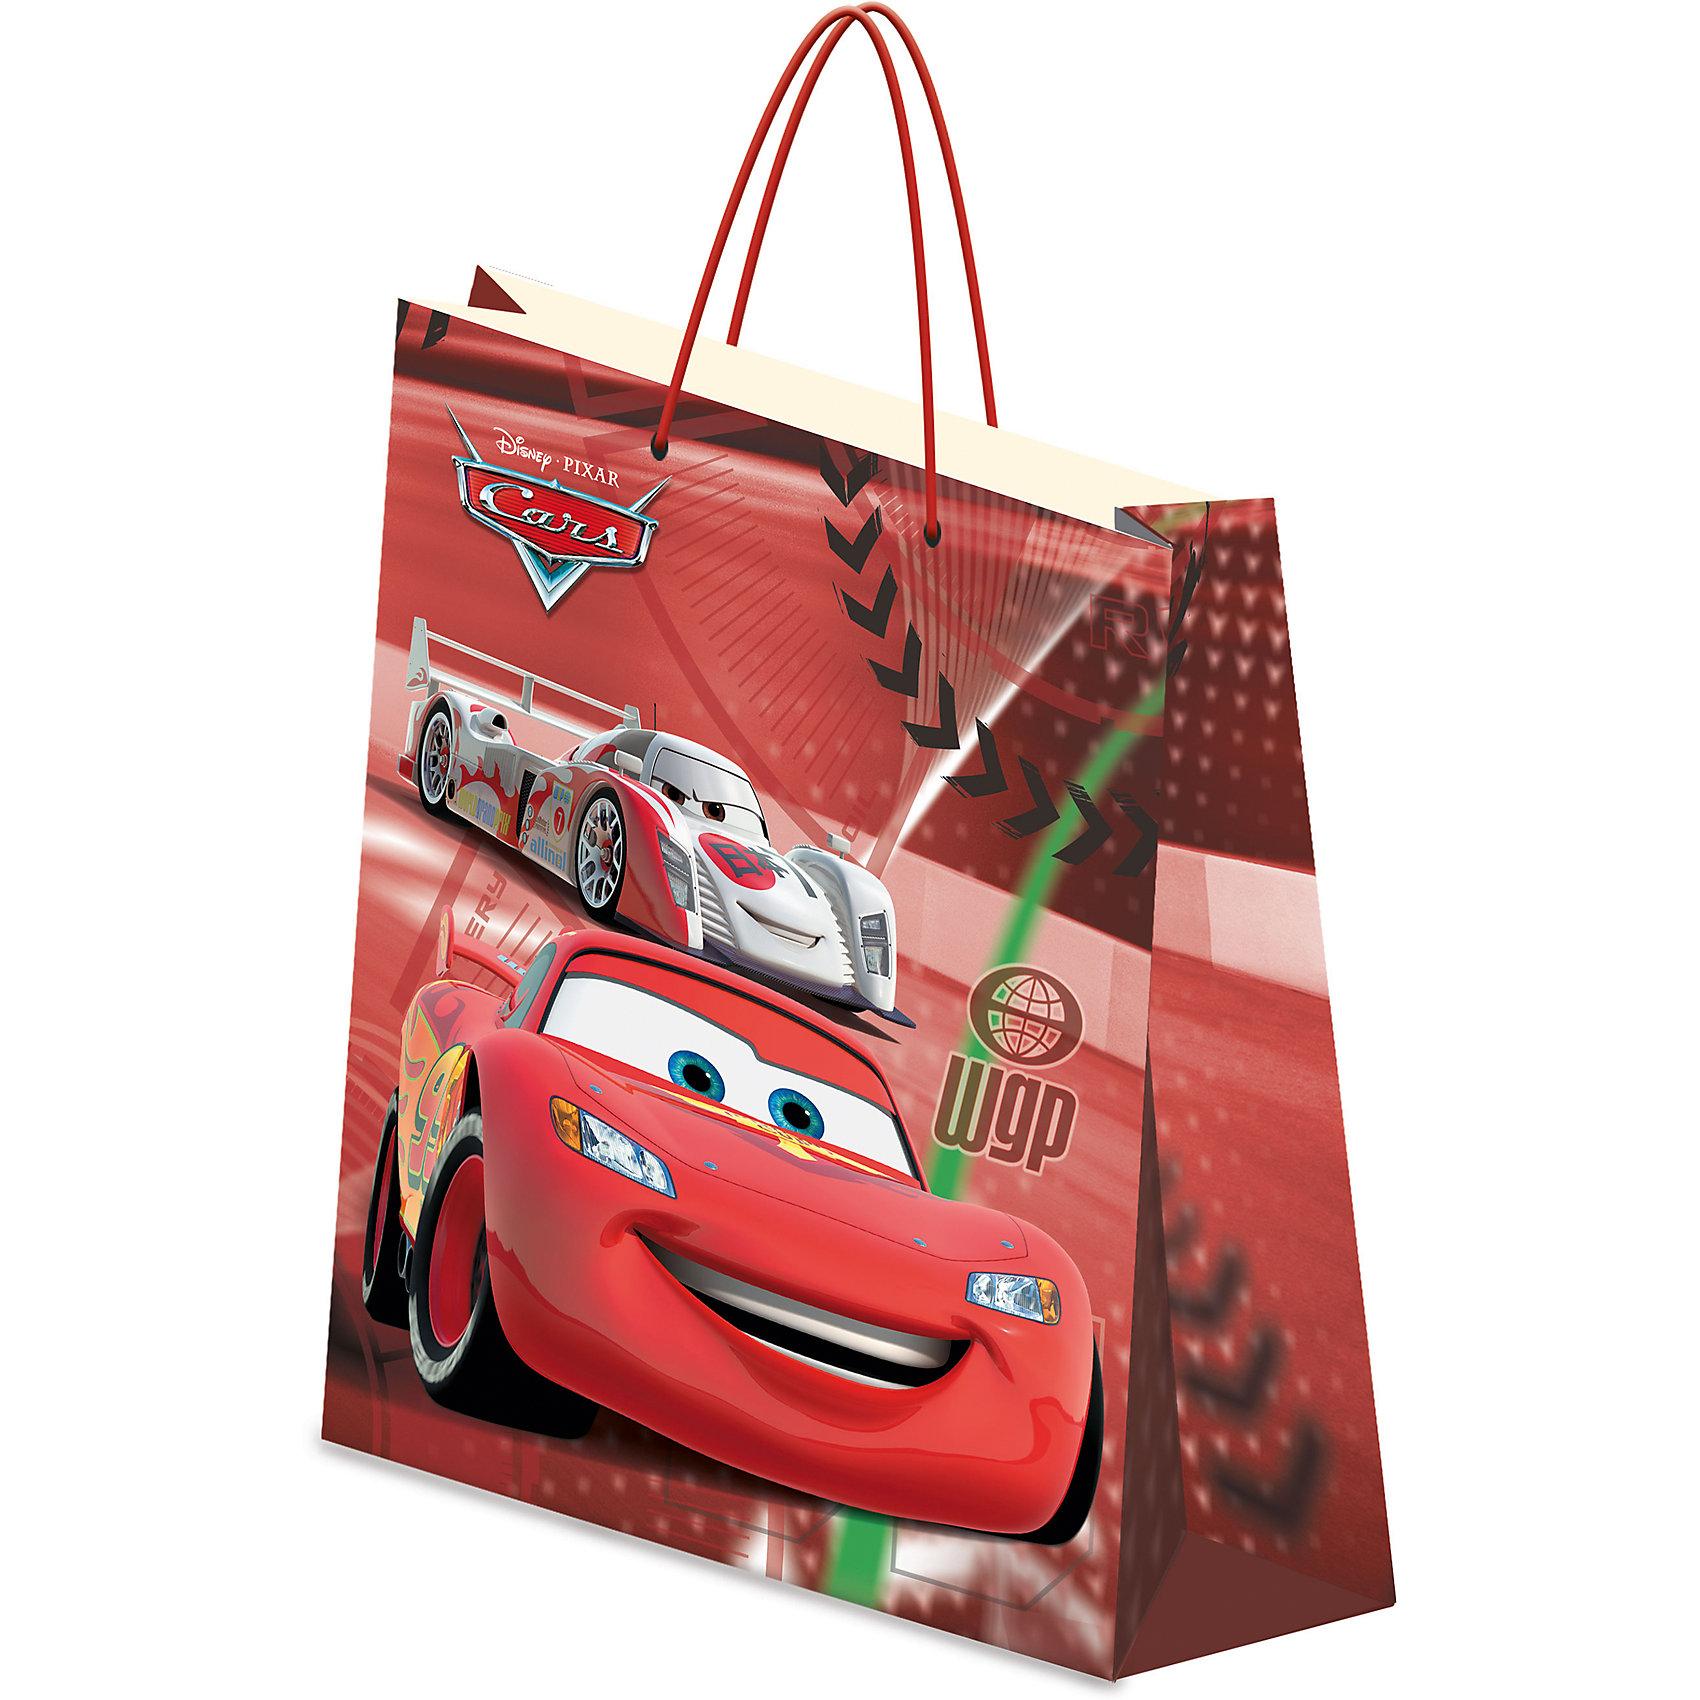 Пакет подарочный, ТачкиТачки<br>Пакет подарочный, Тачки<br><br>Характеристики:<br><br>- Размер упаковки: 13х16х5см.<br>- Вес: 20г.<br><br>Подарочный пакет Тачки станет замечательным аксессуаром для детского праздника или тематической вечеринки. С его помощью Вы сможете красиво оформить подарки, памятные сувениры или сюрпризы для конкурсов. Пакет выполнен из плотной бумаги с эффектом матовой ламинации и украшен изображением популярных персонажей мультипликационного фильма Тачки. <br><br>Пакет подарочный, Тачки, можно купить в нашем интернет- магазине.<br><br>Ширина мм: 130<br>Глубина мм: 160<br>Высота мм: 5<br>Вес г: 20<br>Возраст от месяцев: 60<br>Возраст до месяцев: 84<br>Пол: Мужской<br>Возраст: Детский<br>SKU: 5218419